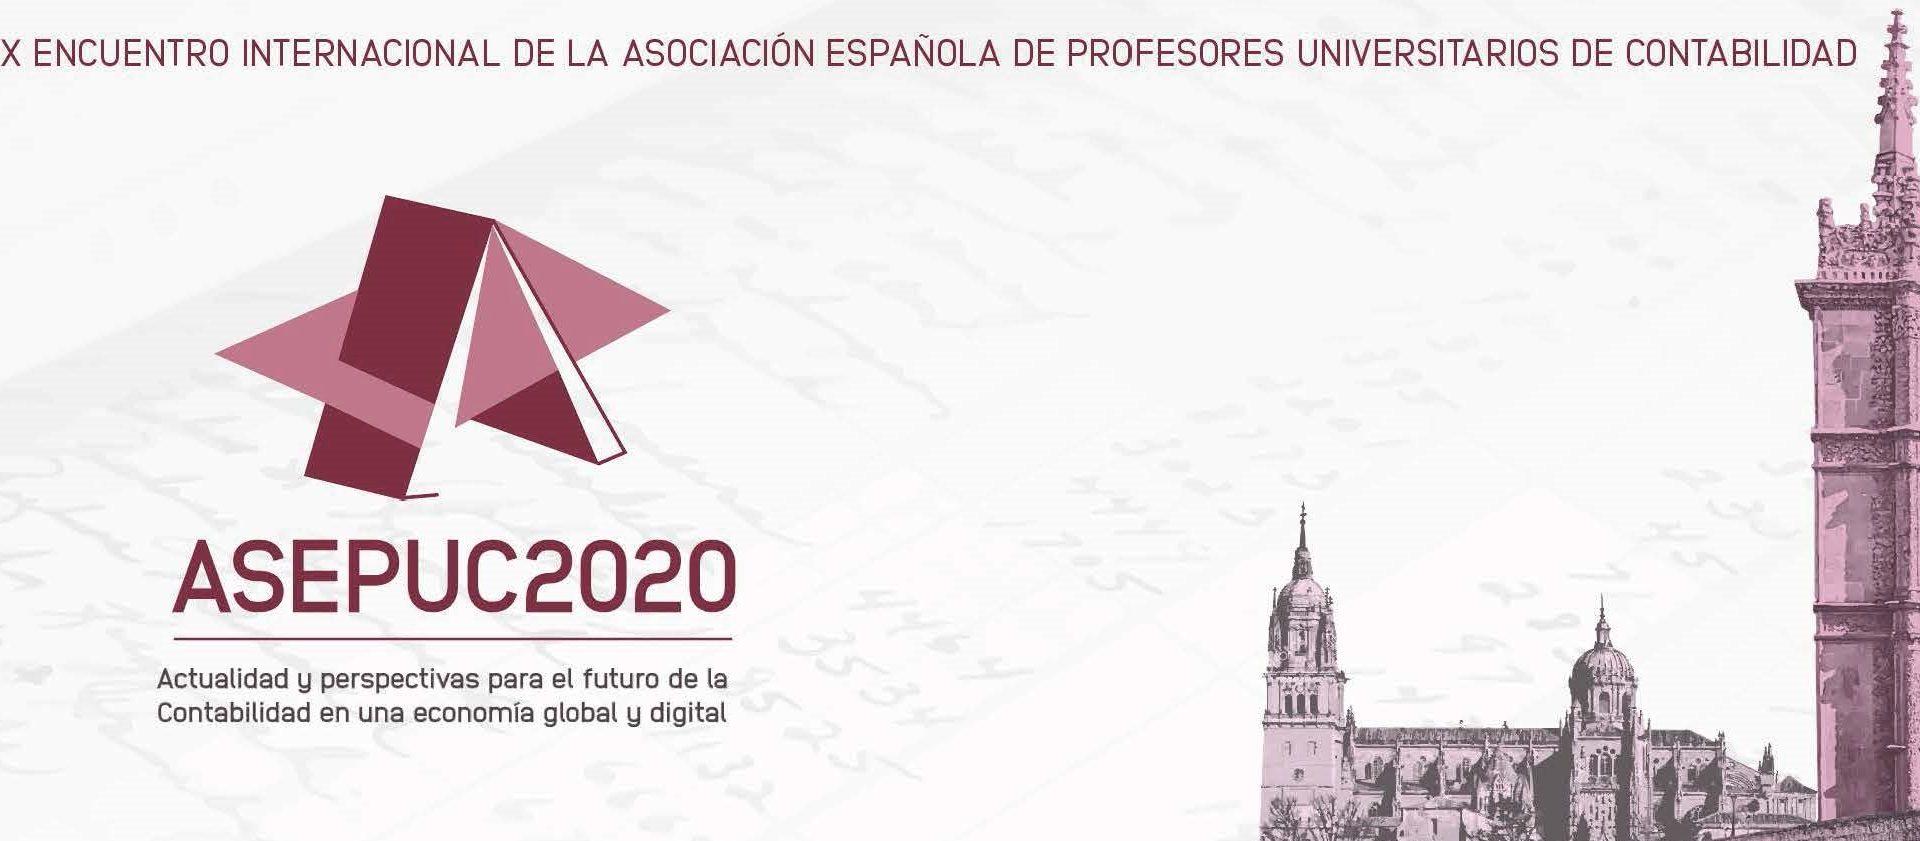 """Socios de SIIG participan en el XIX Congreso Internacional de la Asociación de Profesores Universitarios de Contabilidad (ASEPUC) """"Actualidad y perspectivas para el futuro de la contabilidad en una economía global y digital"""""""